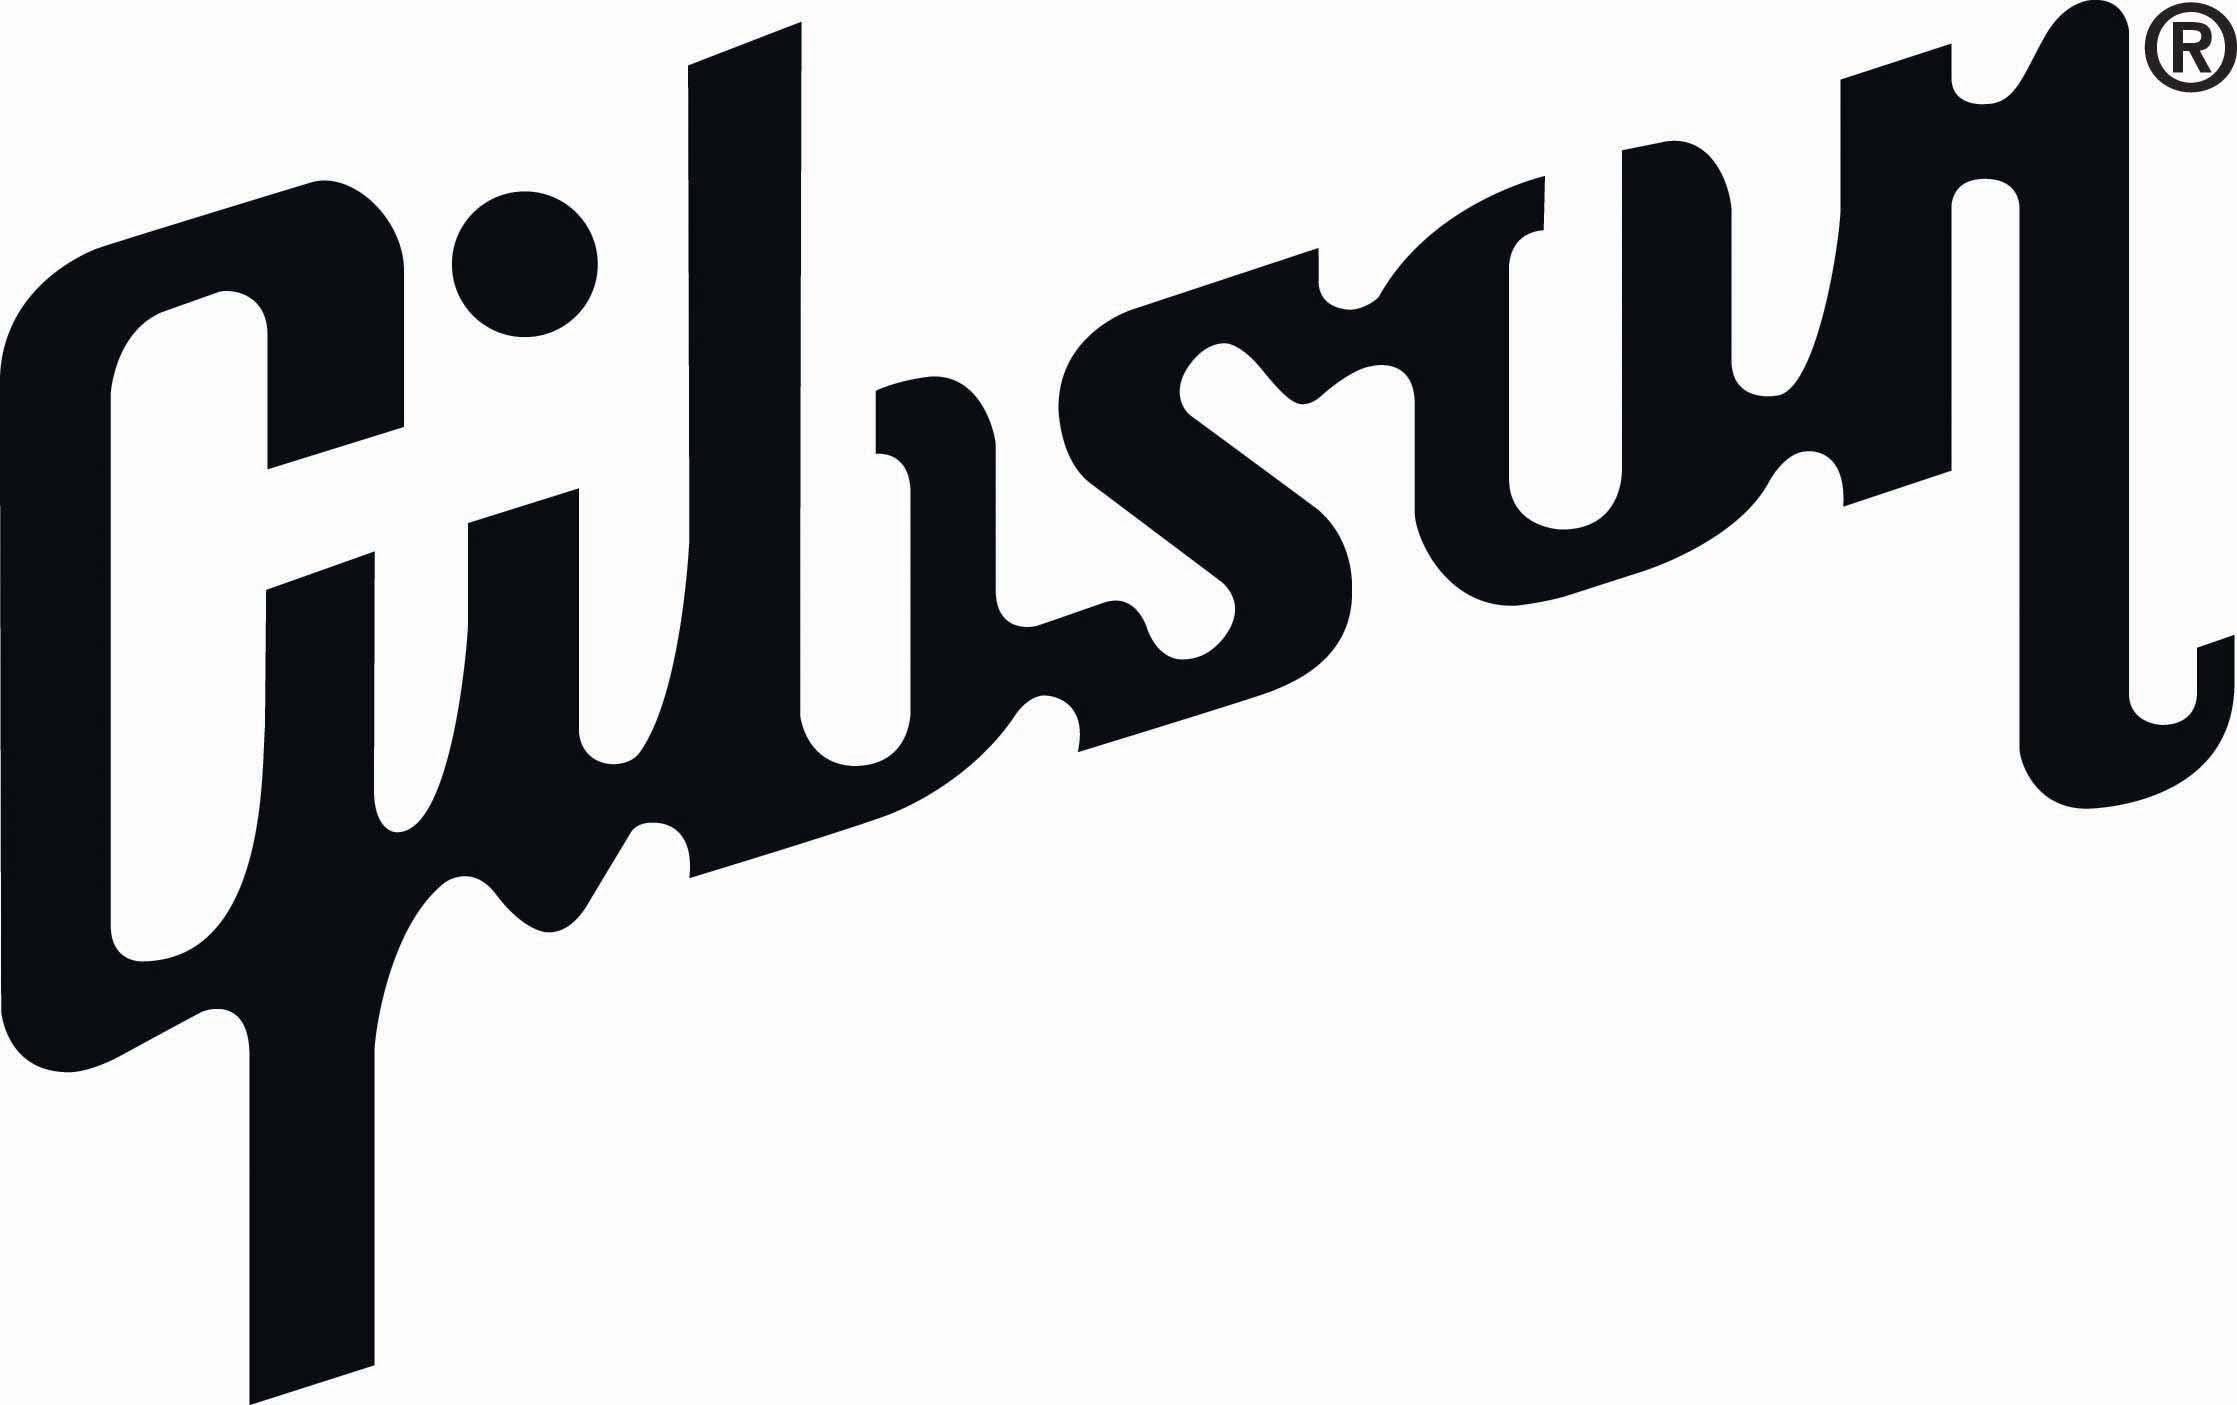 Jusqu'à 1500€ de réduction sur l'achat d'une guitare Gibson avec la reprise de votre ancienne guitare